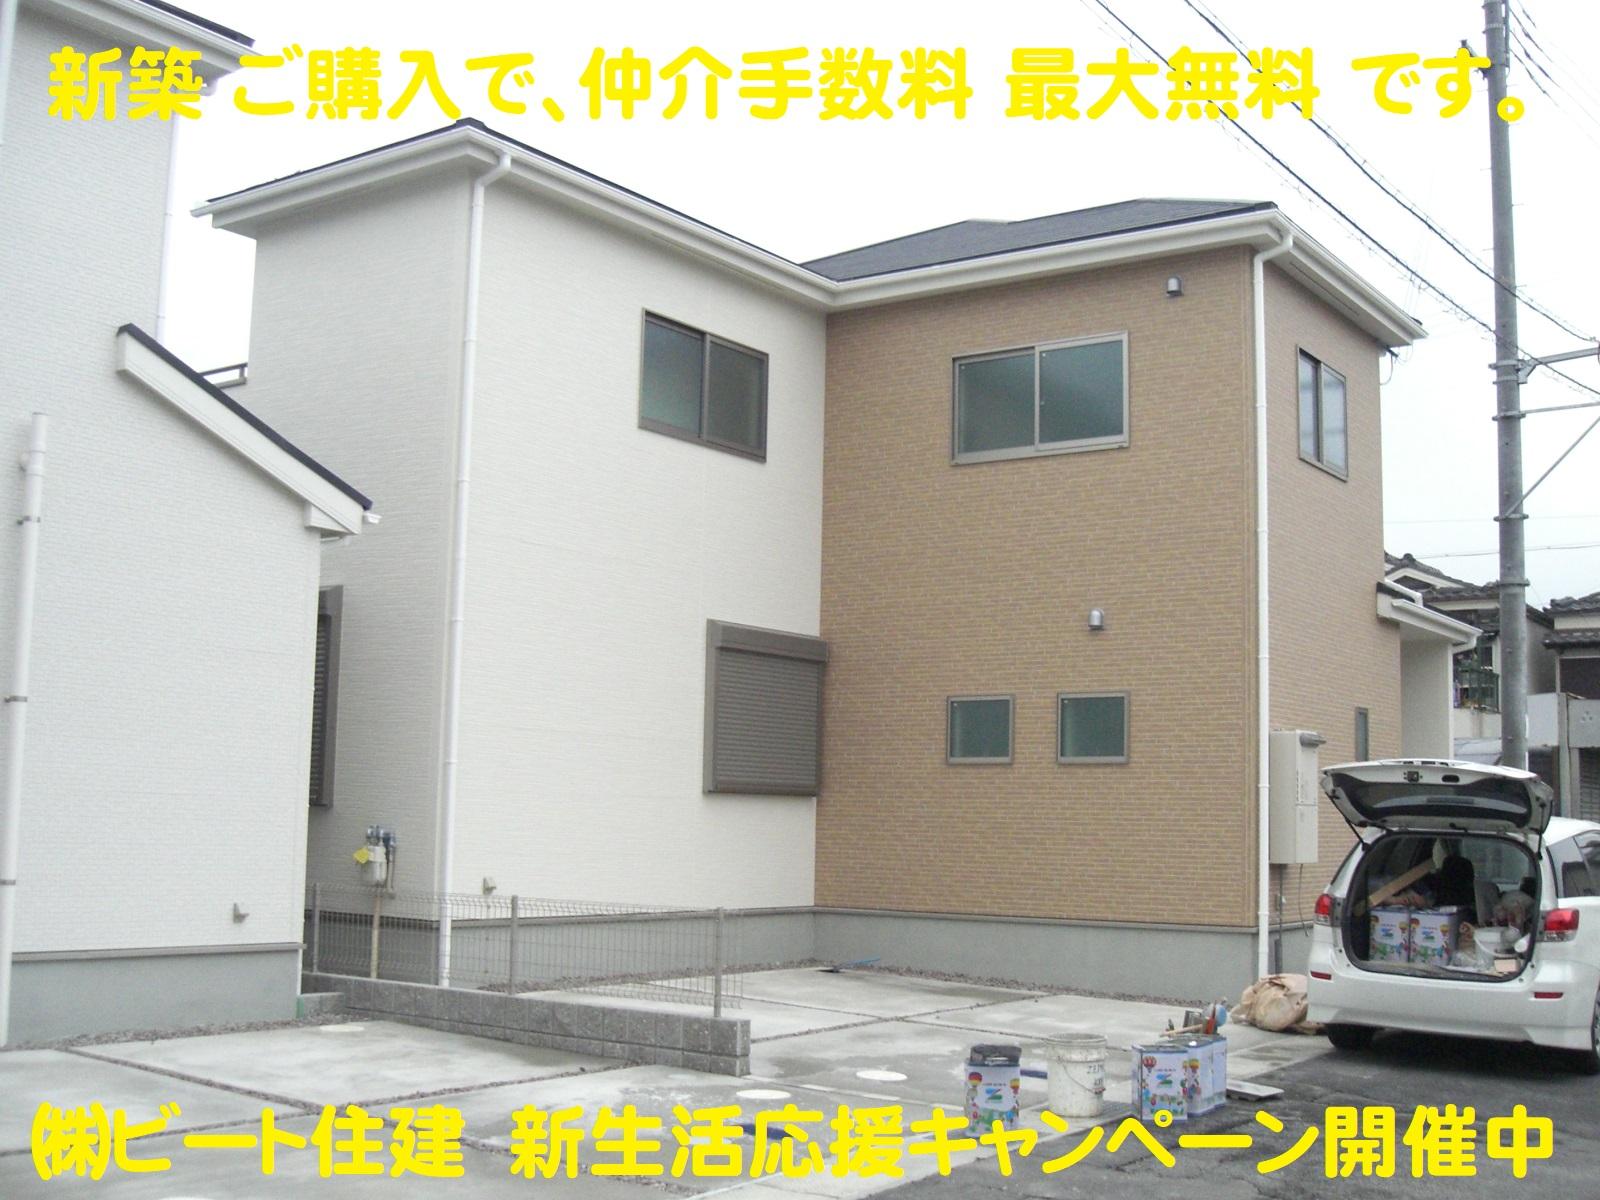 奈良県 新築 ビート住建 大和郡山市 新築 お買い得 仲介手数料 最大無料